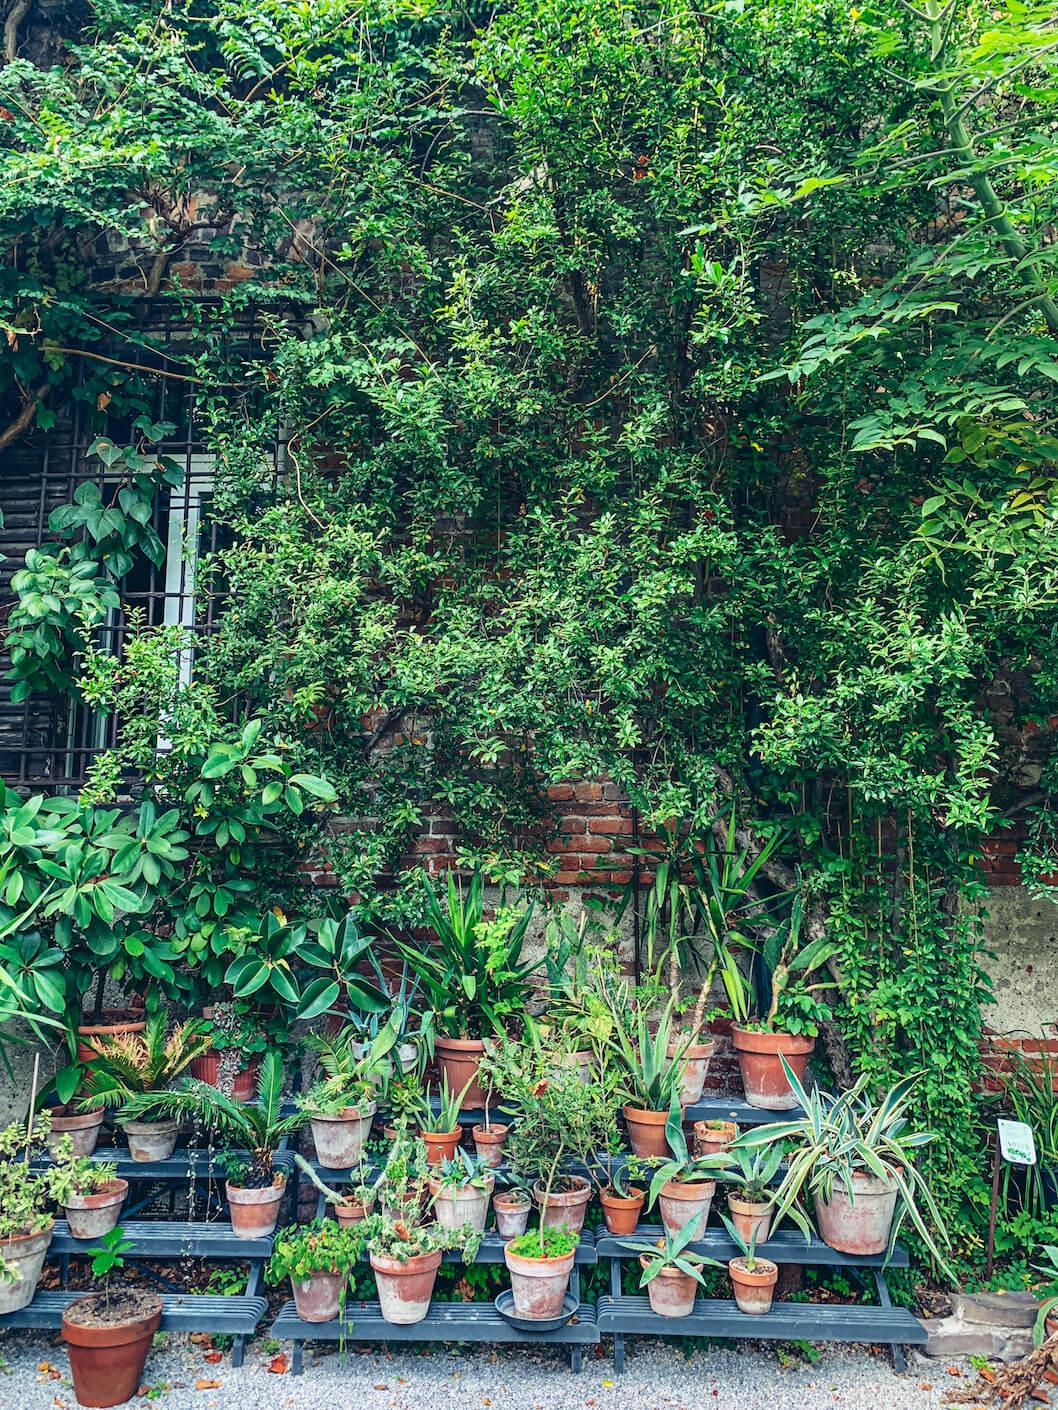 orto botanico di brera come arrivare